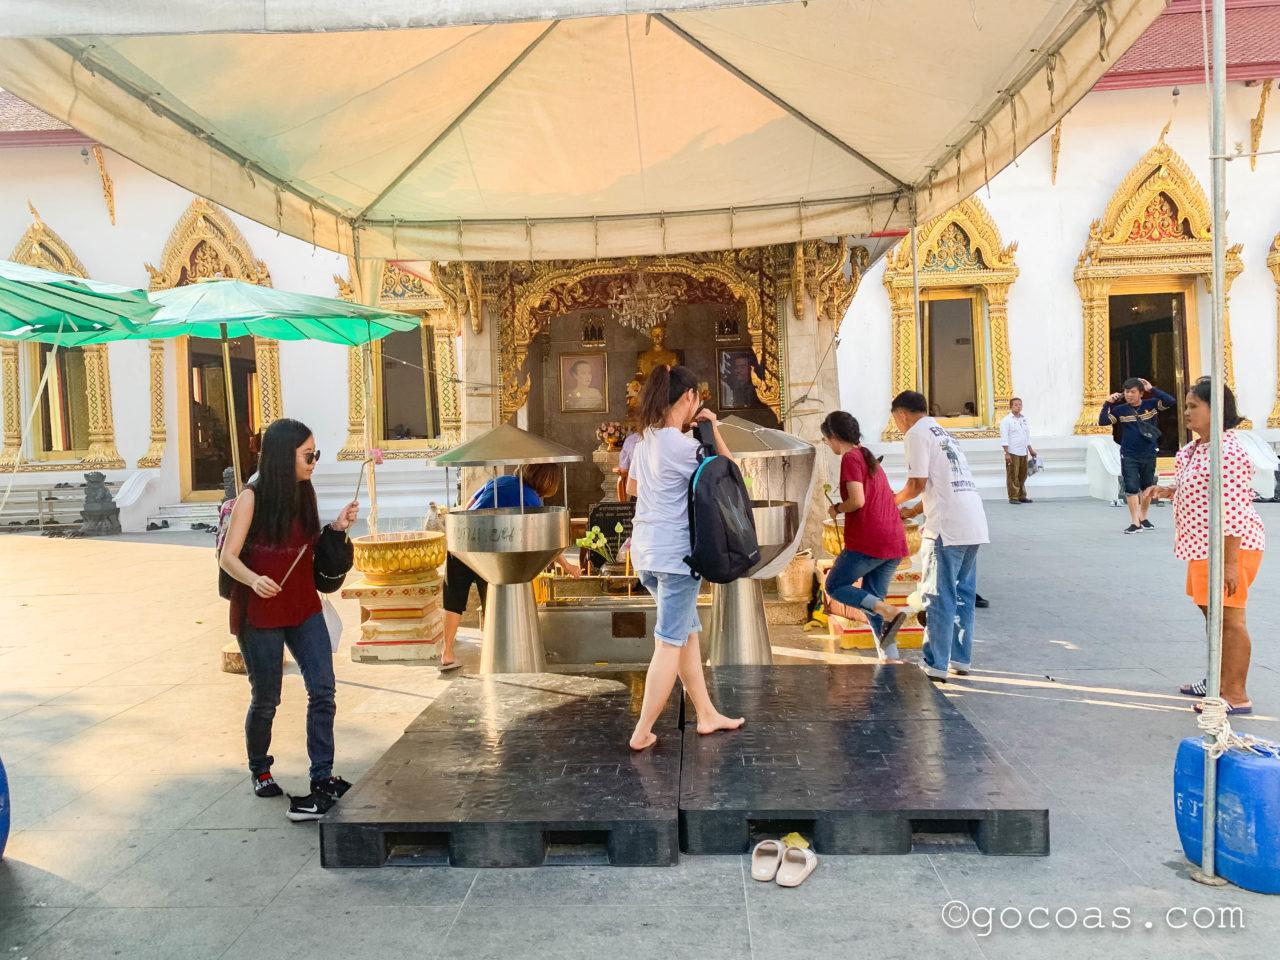 バンコクの街中にあった寺院に入る地元民